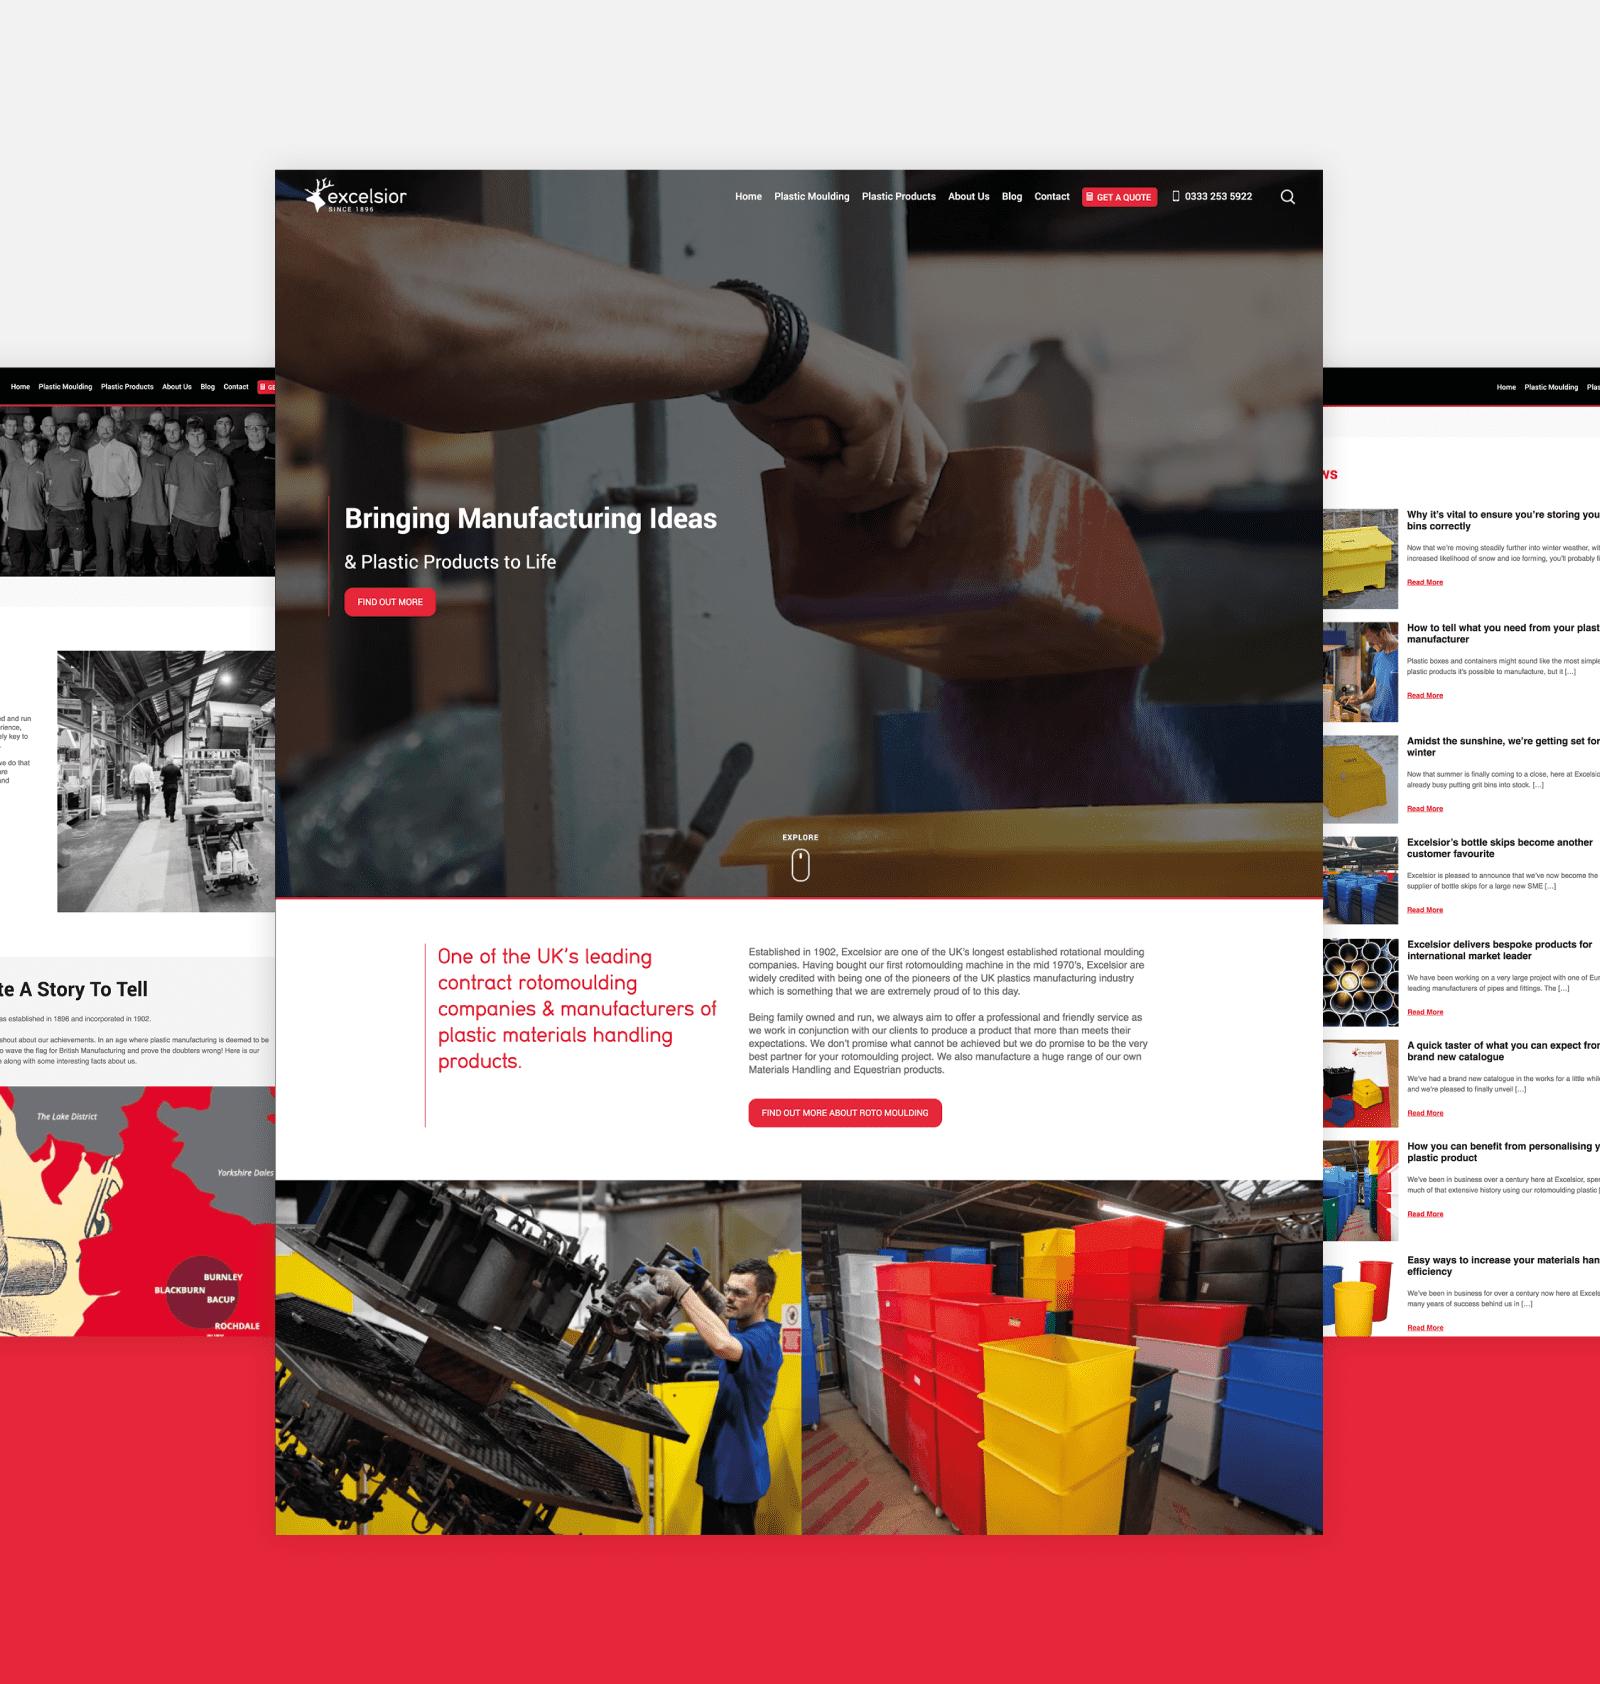 Excelsior - Web Design